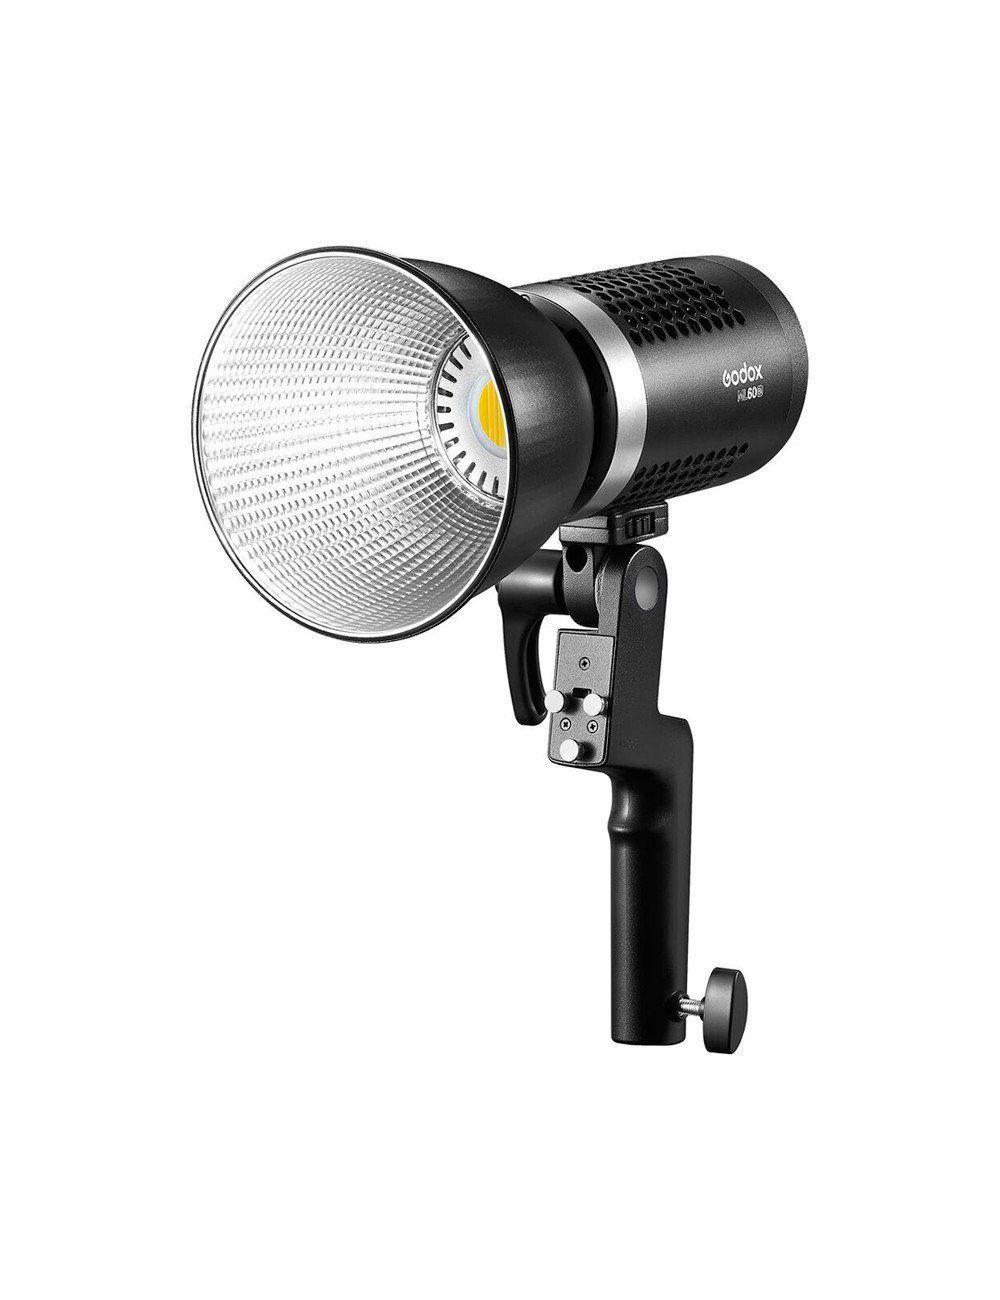 Profoto Air Remote TTL Para Nikon - Trigger y Controlador a Distancia de tus Profoto